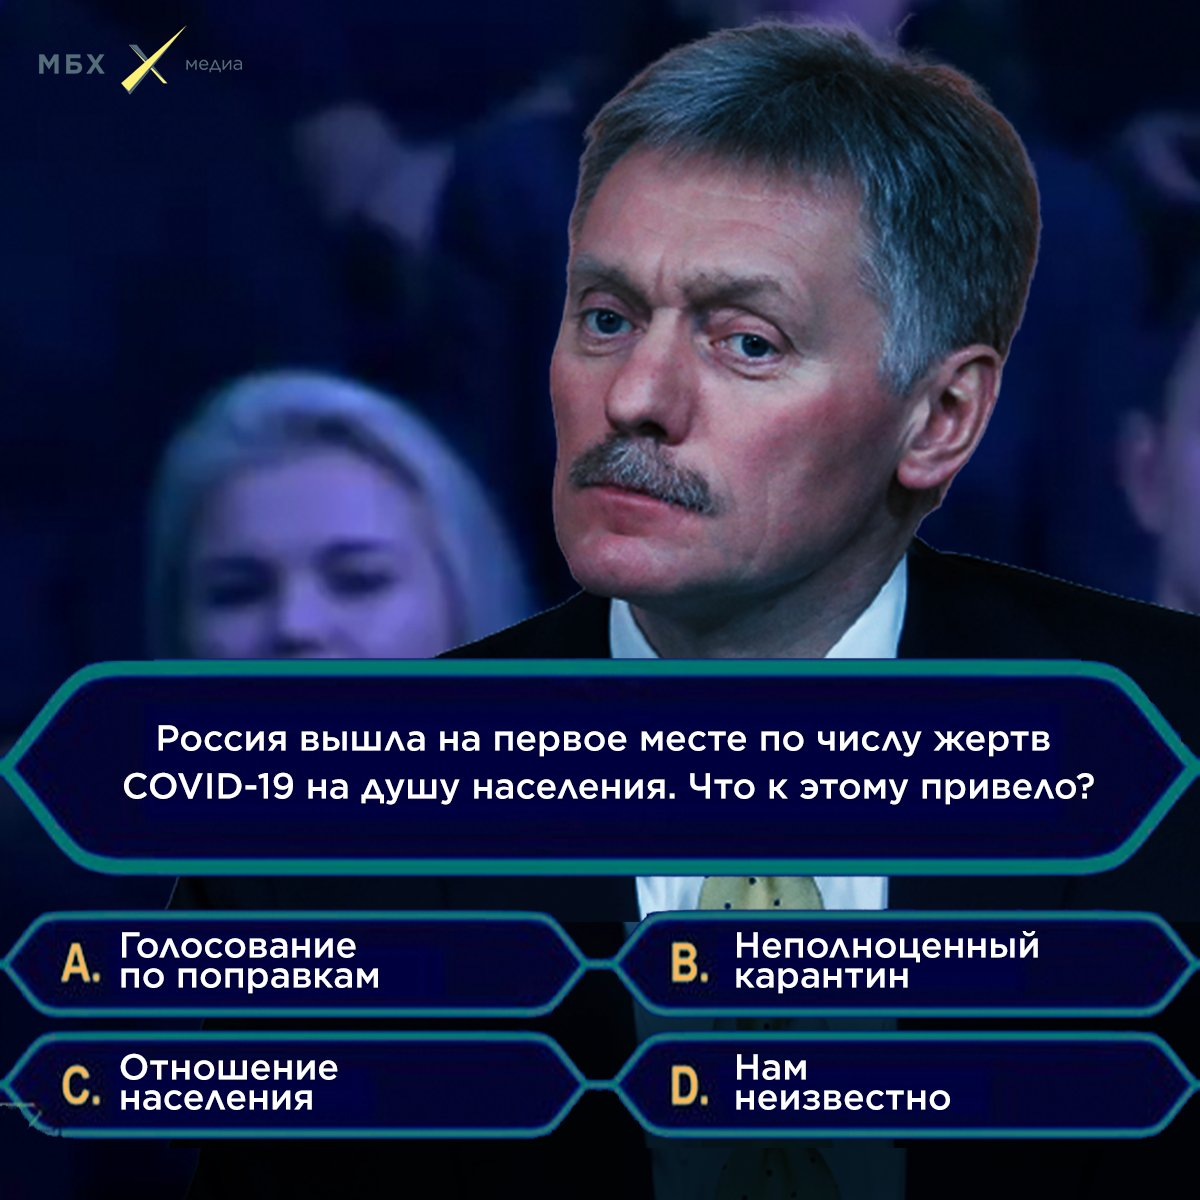 Дмитрий Сергеевич, у вас есть право на звонок другу